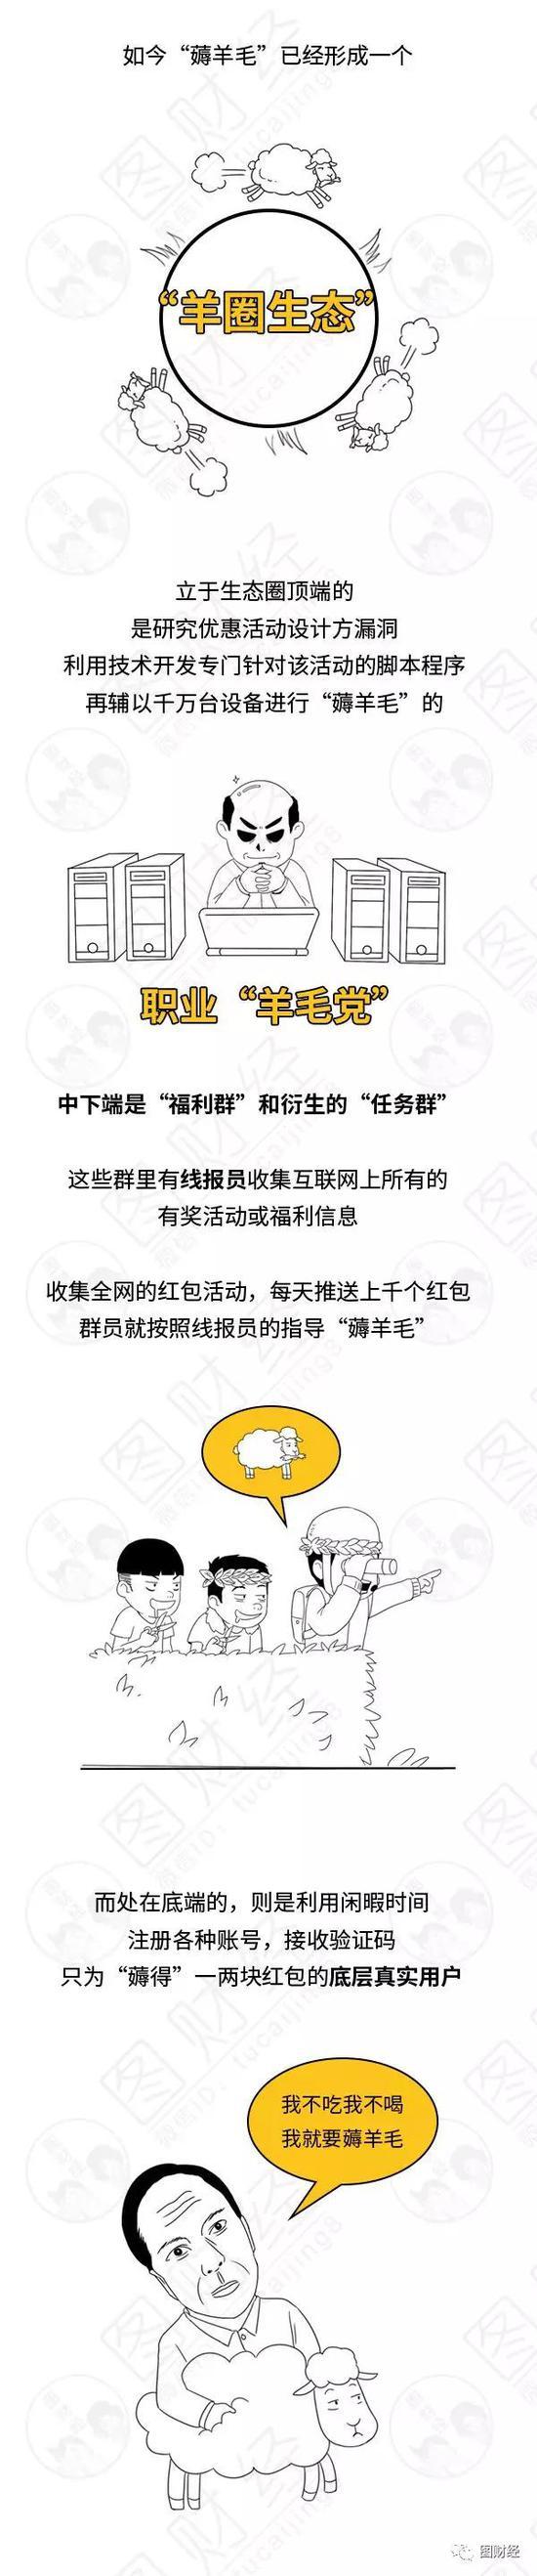 皇冠体育感受-新增号码跟守7期 拿下七乐彩218万大奖